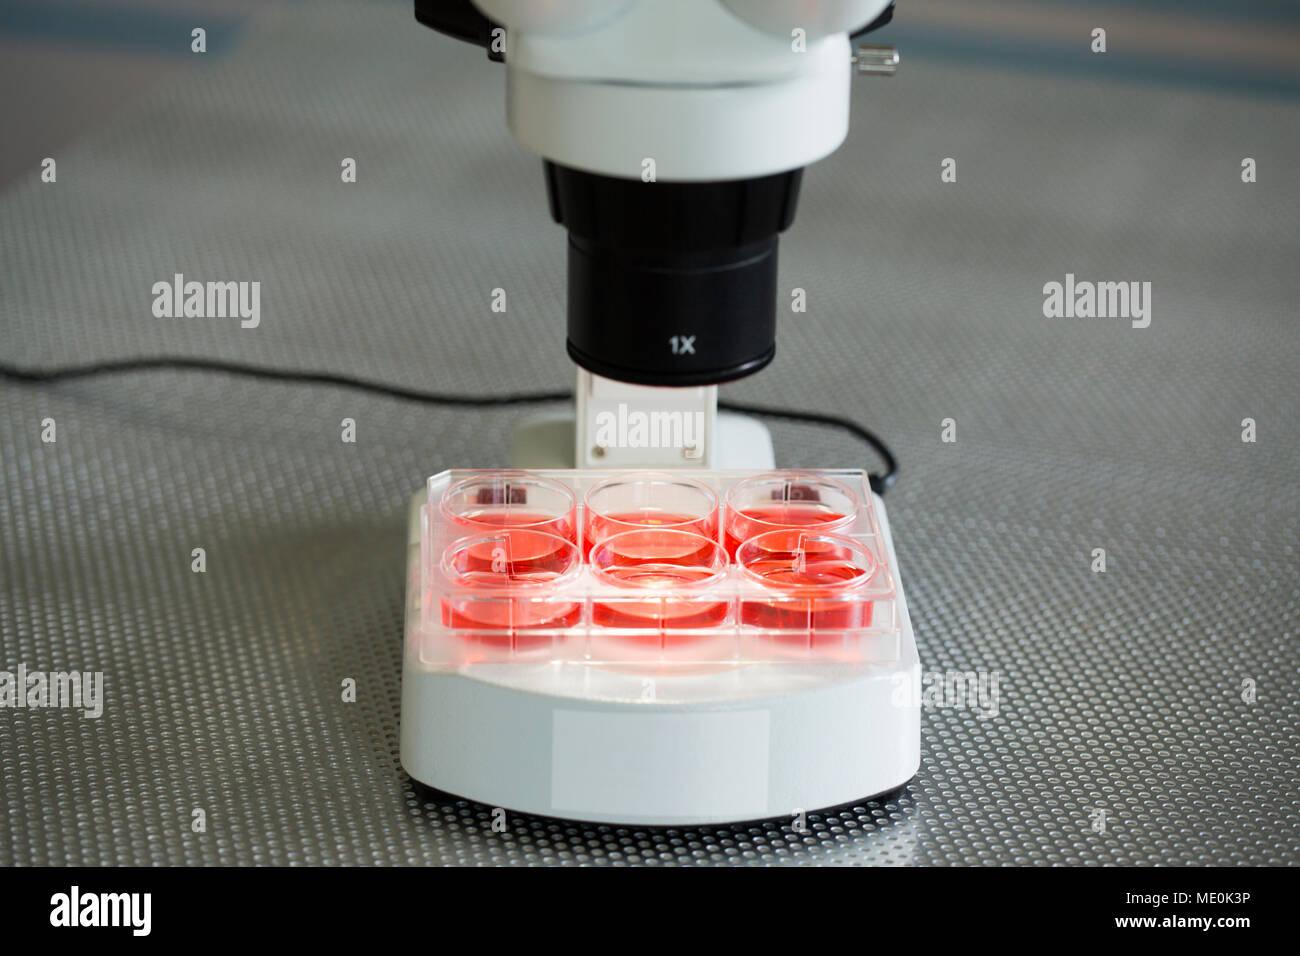 Cultivos de células bajo el microscopio. Foto de stock